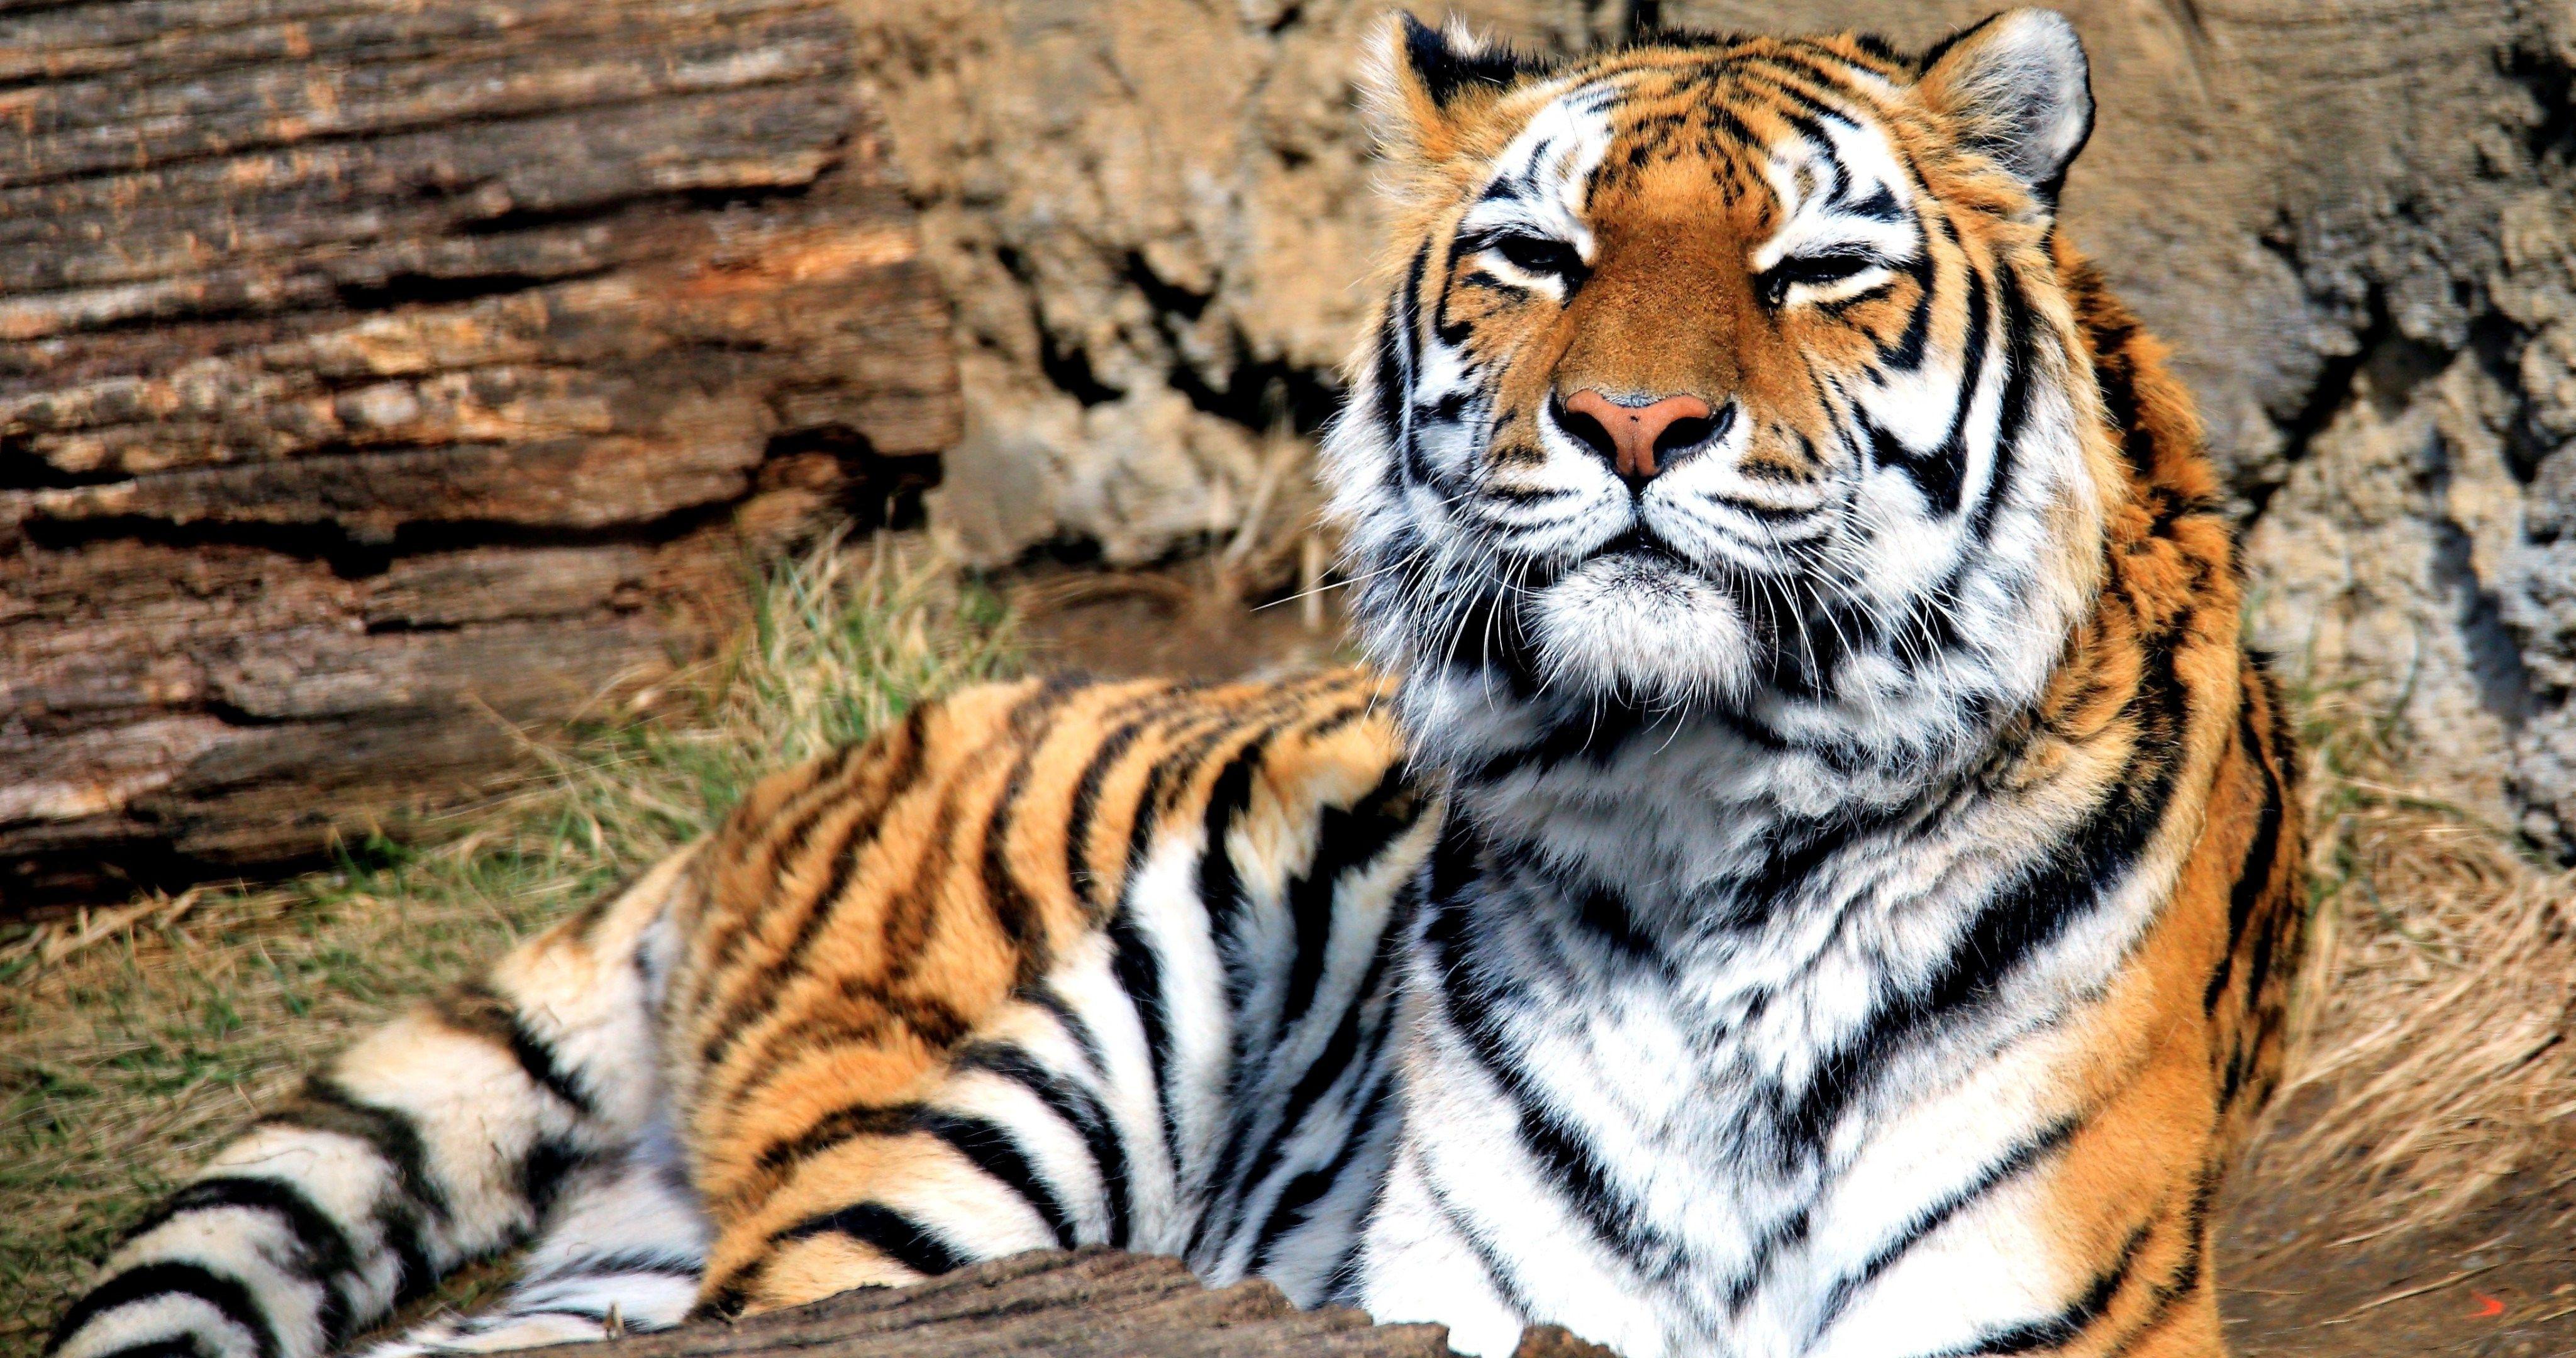 Big Cat 4k Ultra Hd Wallpaper Big Cats Cat Wallpaper Panthera